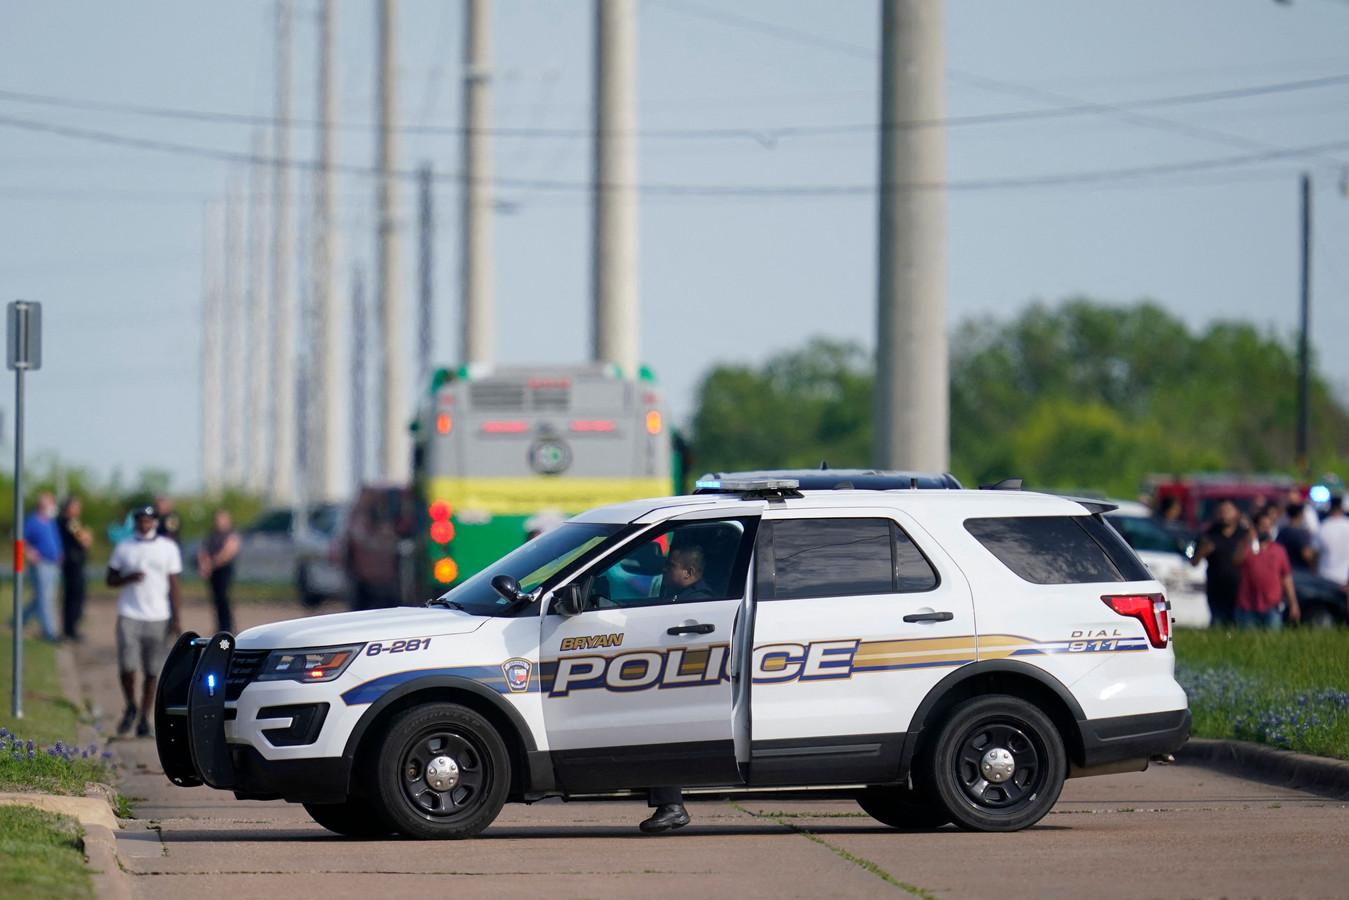 Politie in Bryan (Texas) blokkeert de weg nabij de meubelzaak waar bij een schietpartij een dode en meerdere gewonenden vielen.